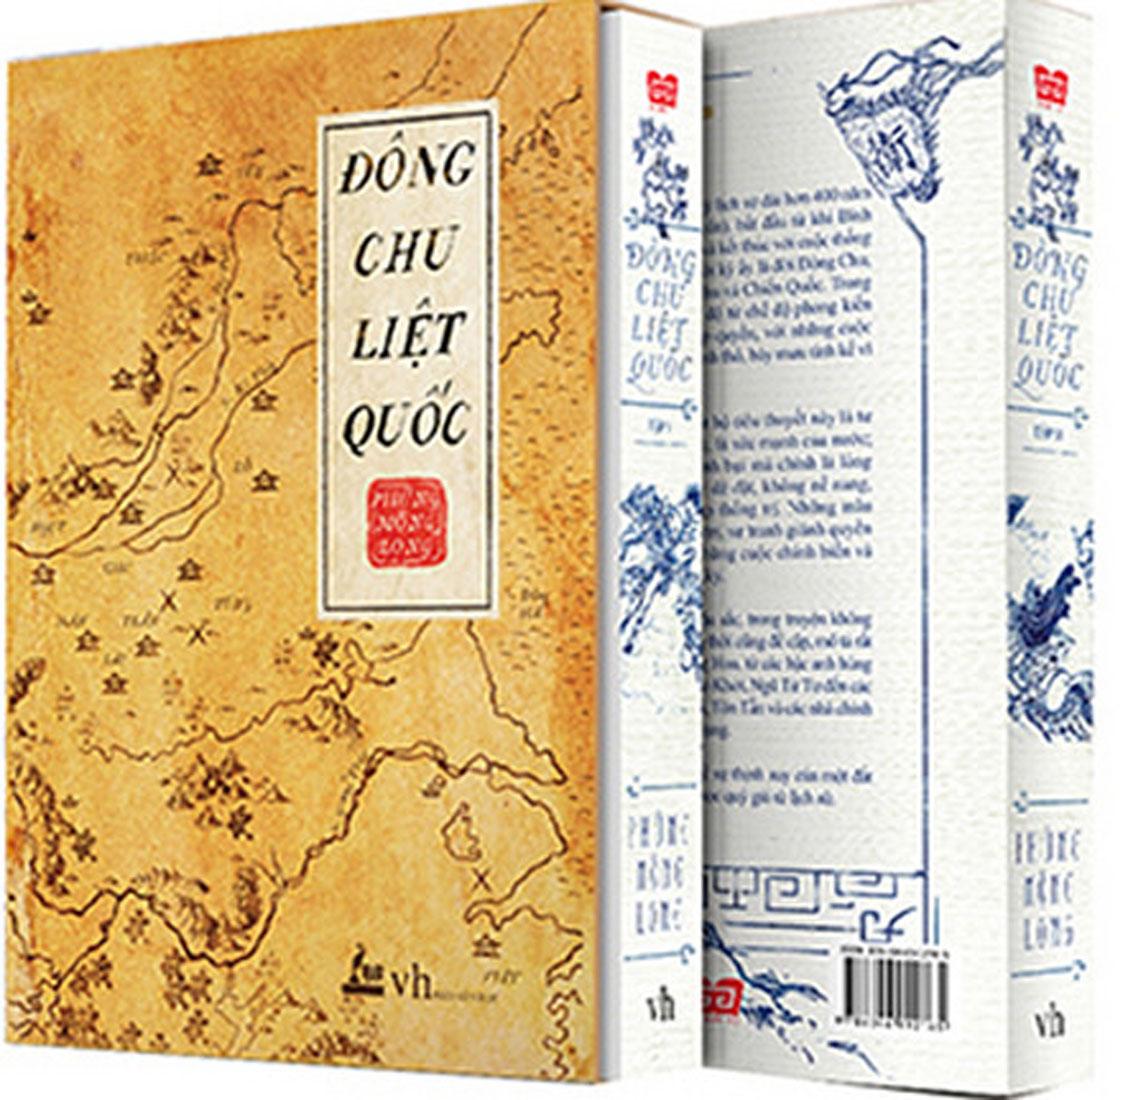 Hộp Sách: Đông Chu Liệt Quốc (Tái Bản 2018)